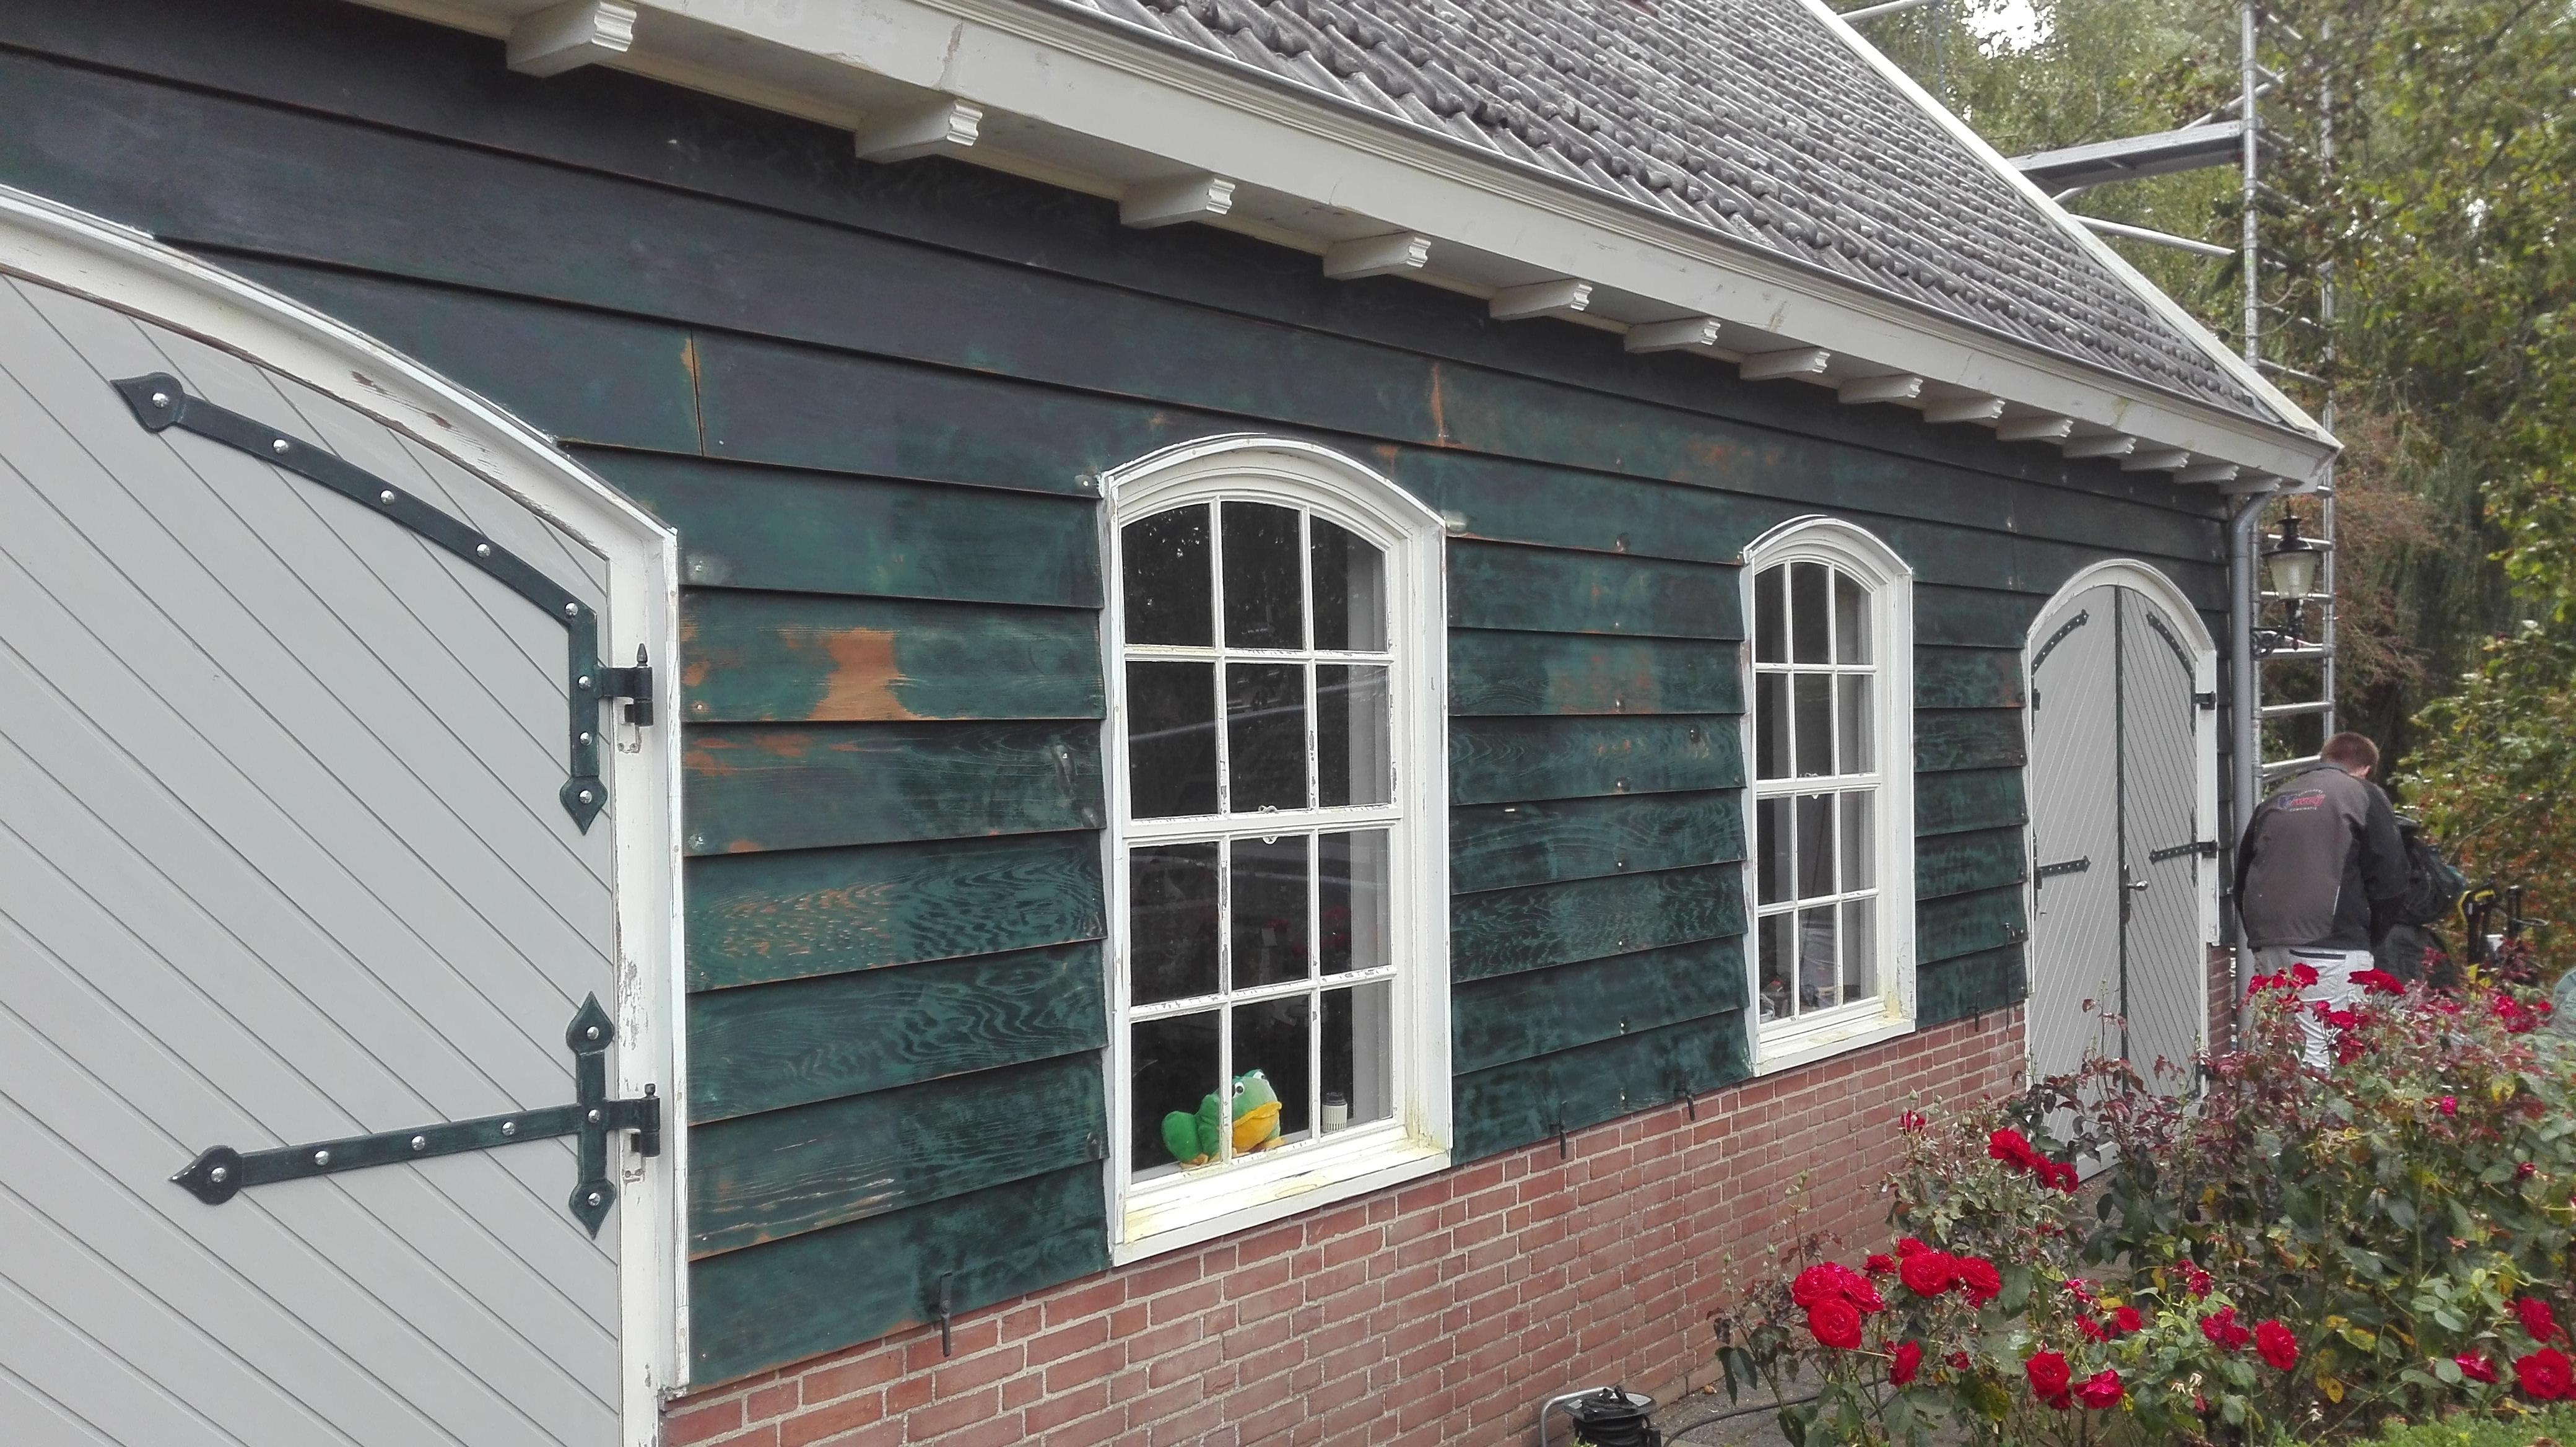 Bijgebouw tijdens de voorbereidende werkzaamheden voor het schilderen